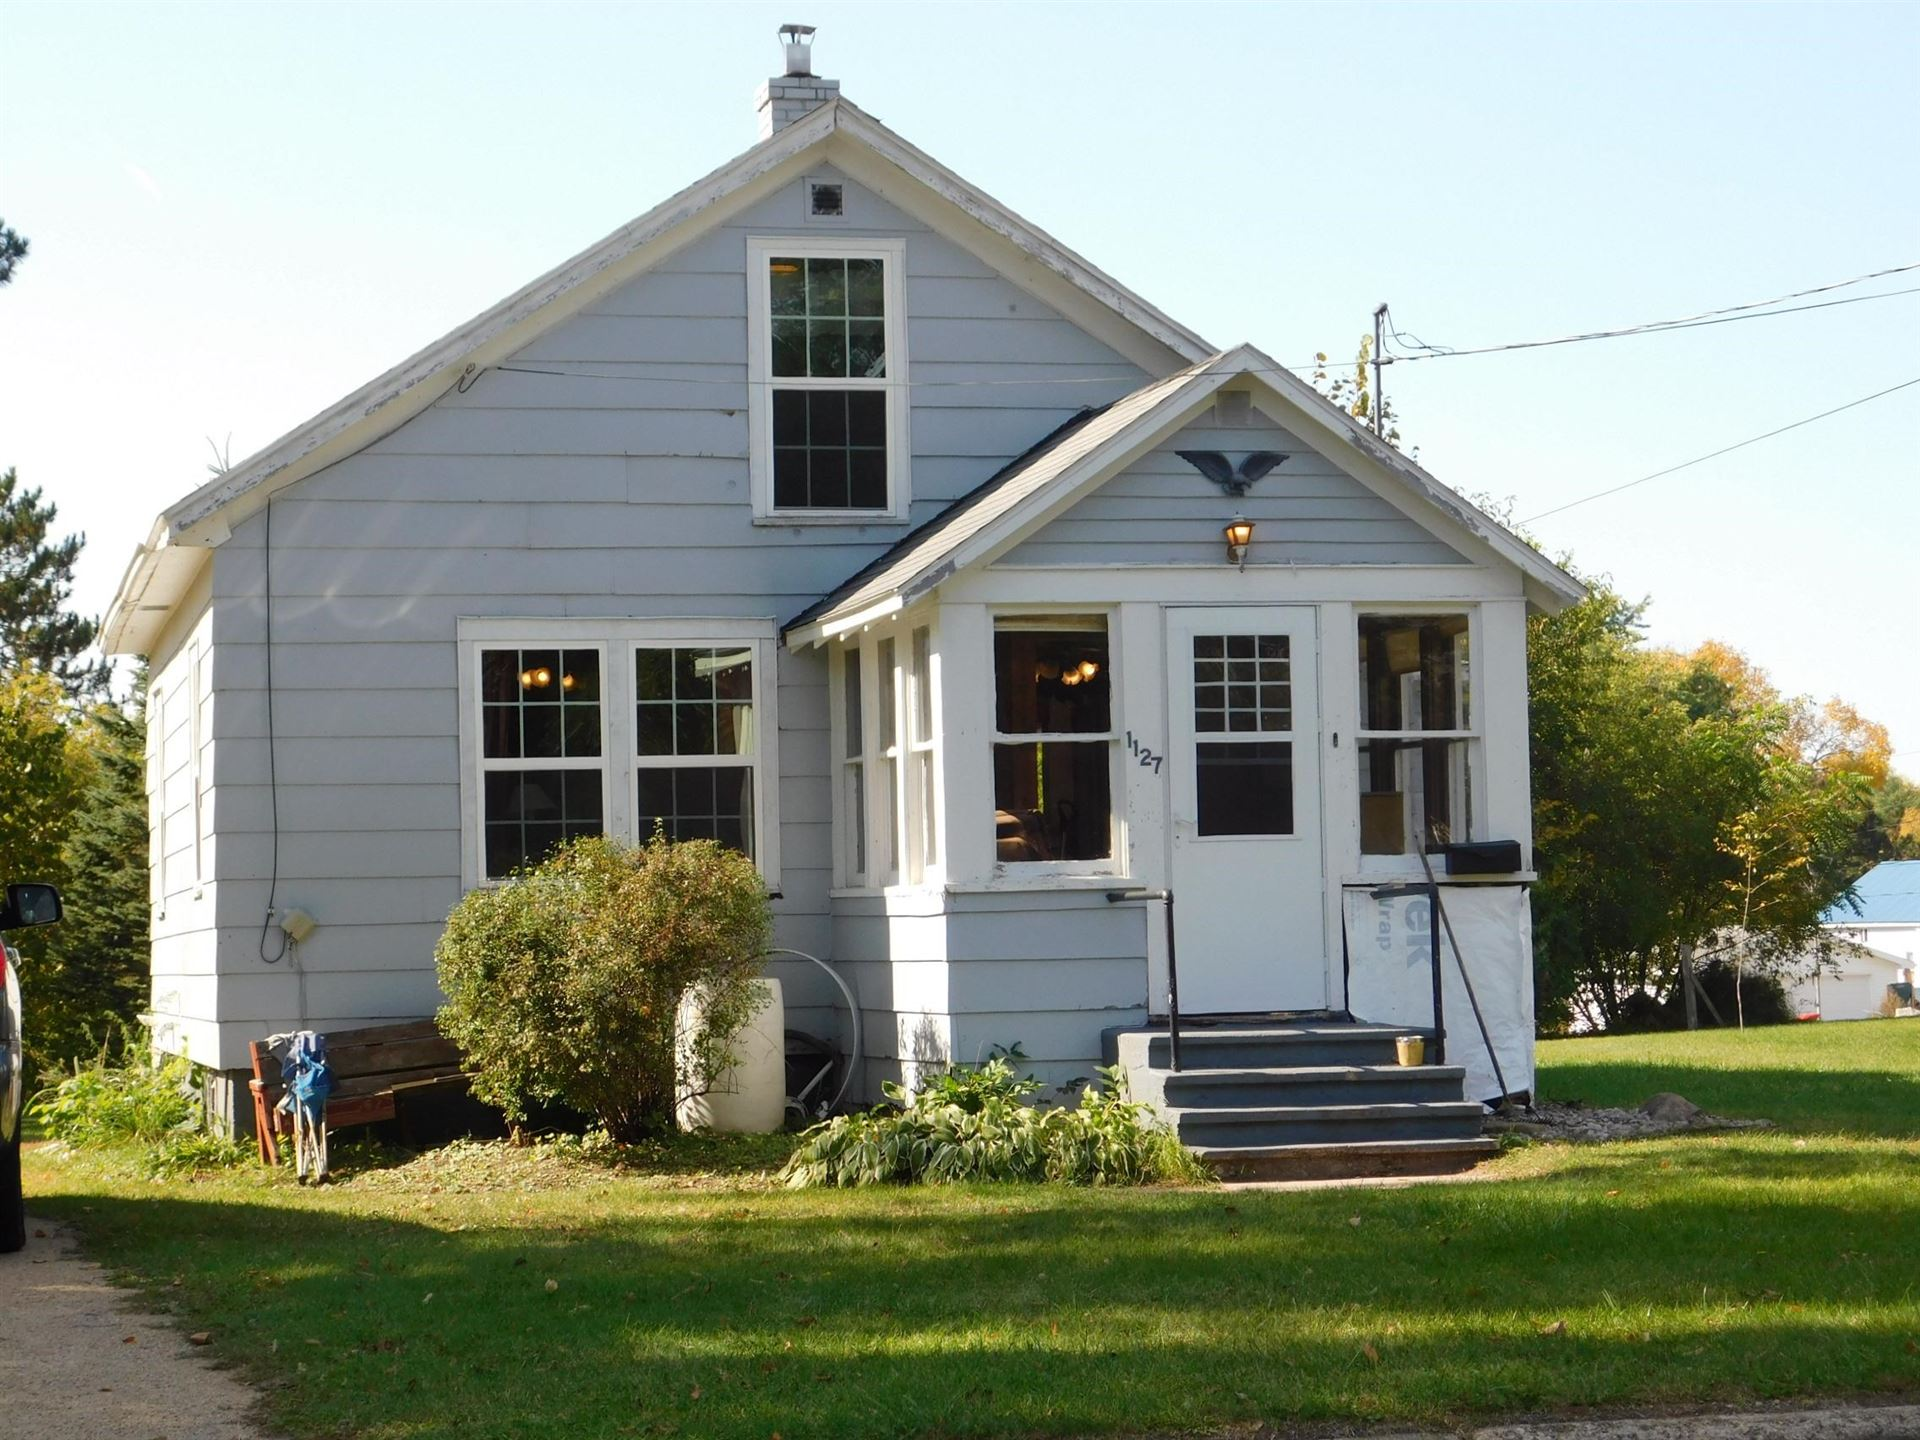 1127 S RIVER Street, Shawano, WI 54166 - MLS#: 50248950